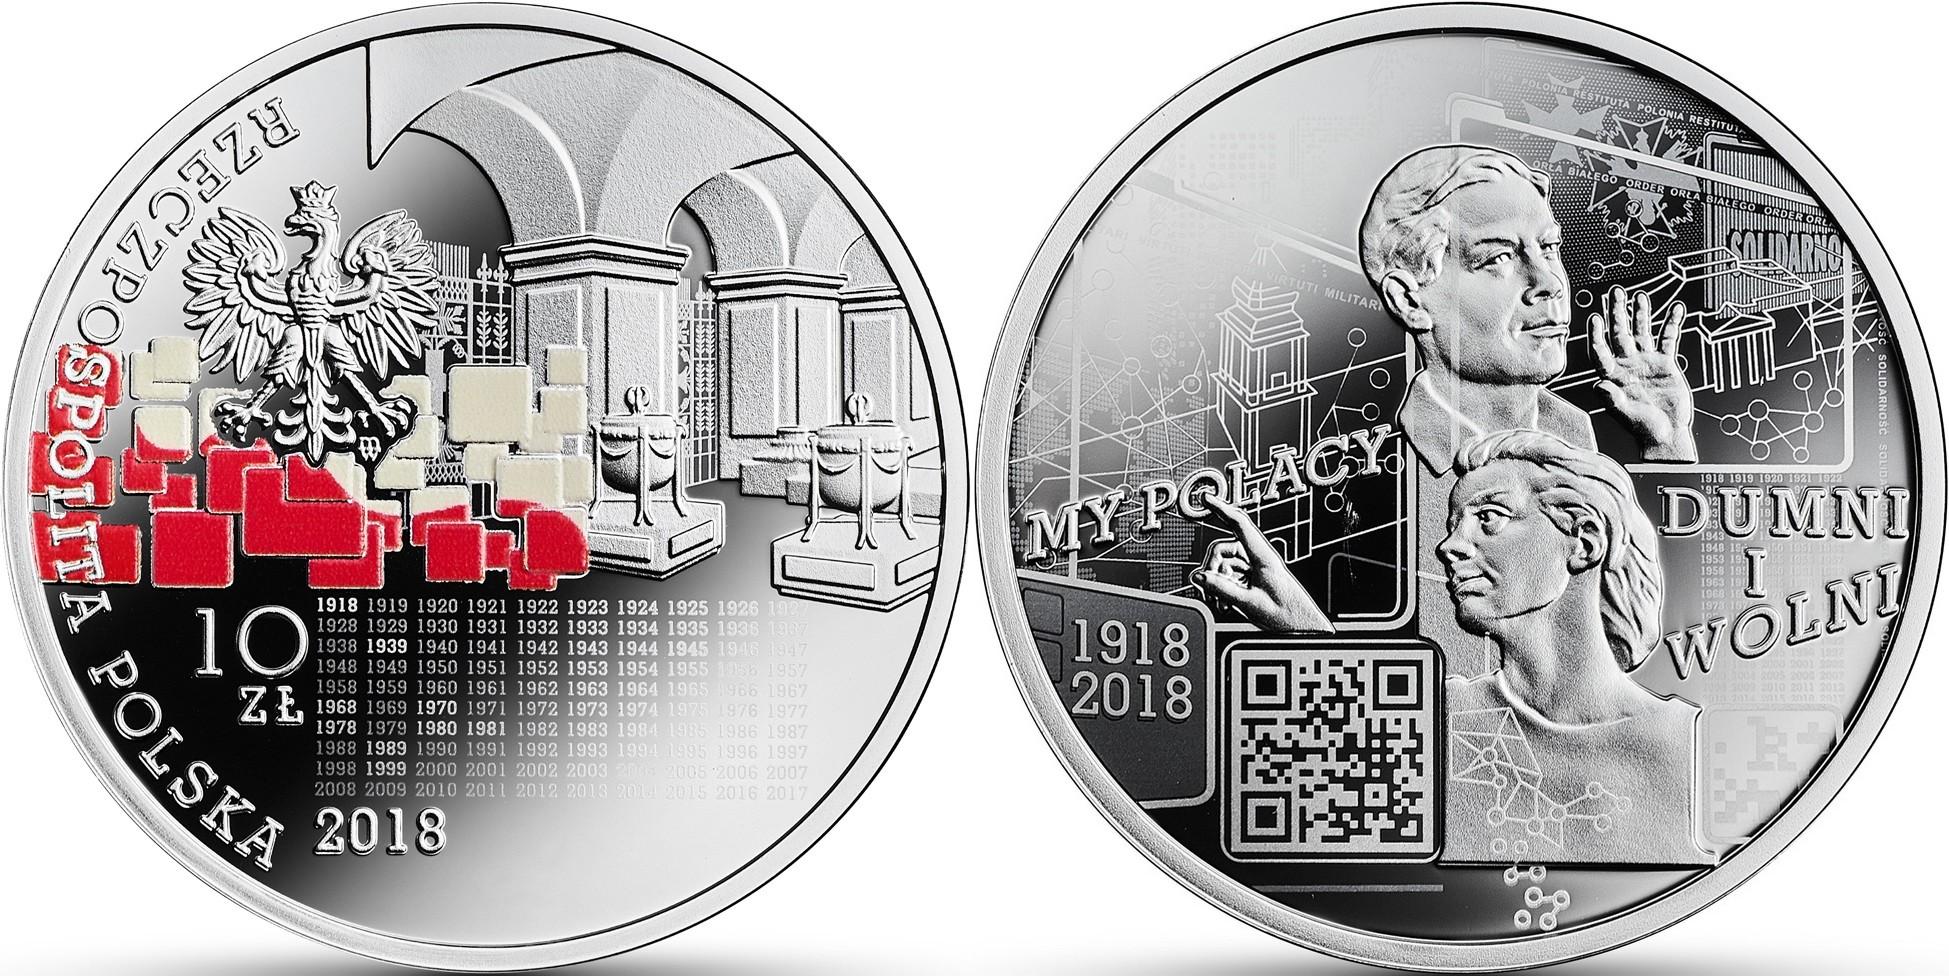 pologne 2018 nous polonais fiers et libres